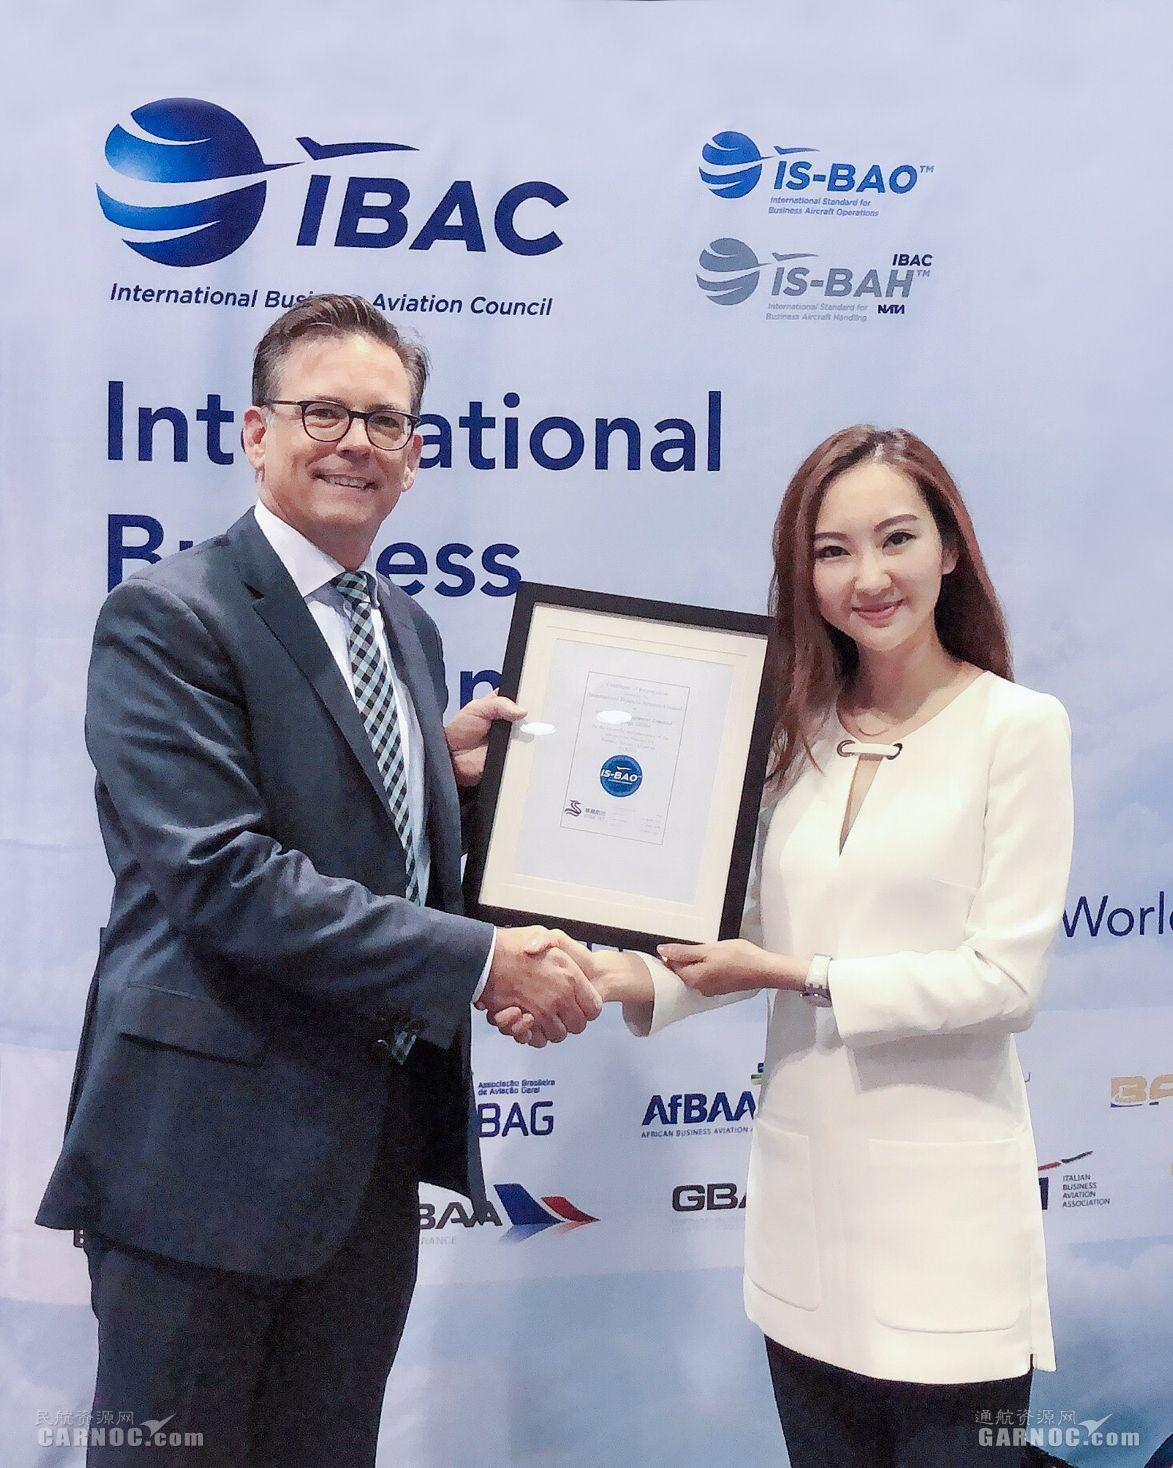 华龙航空成为获得IS-BA0第三级别认证的运营商|新闻动态-飞翔通航(北京)服务有限责任公司